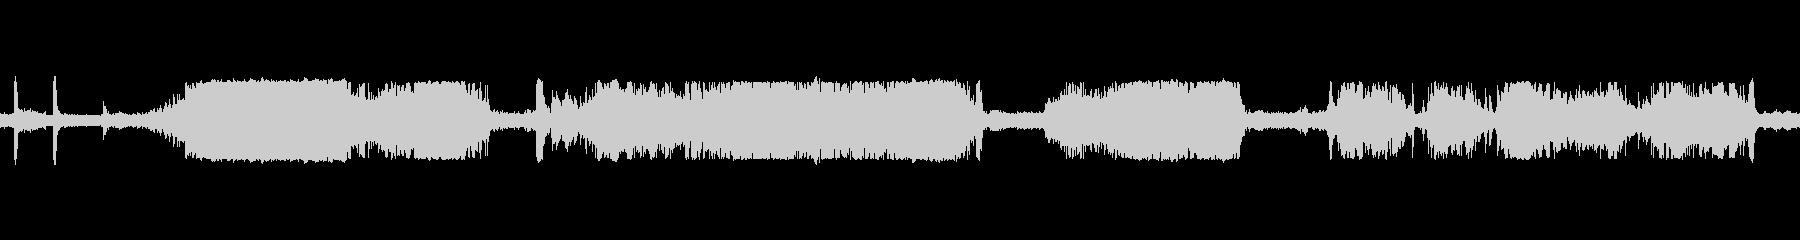 タンクシュートドライブインテリアの未再生の波形